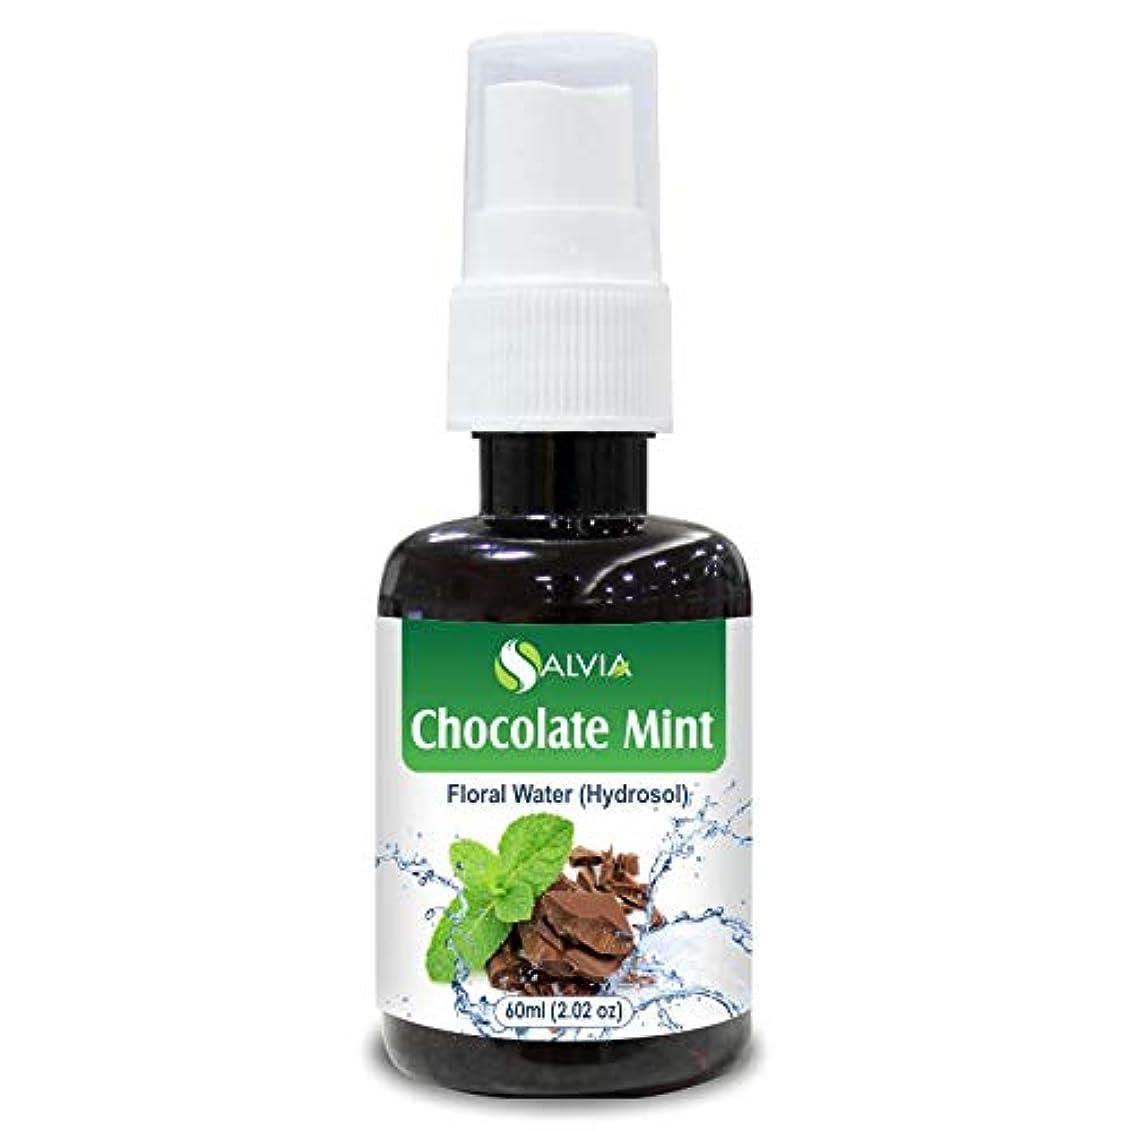 狐義務付けられた影響Chocolate Mint Floral Water 60ml (Hydrosol) 100% Pure And Natural